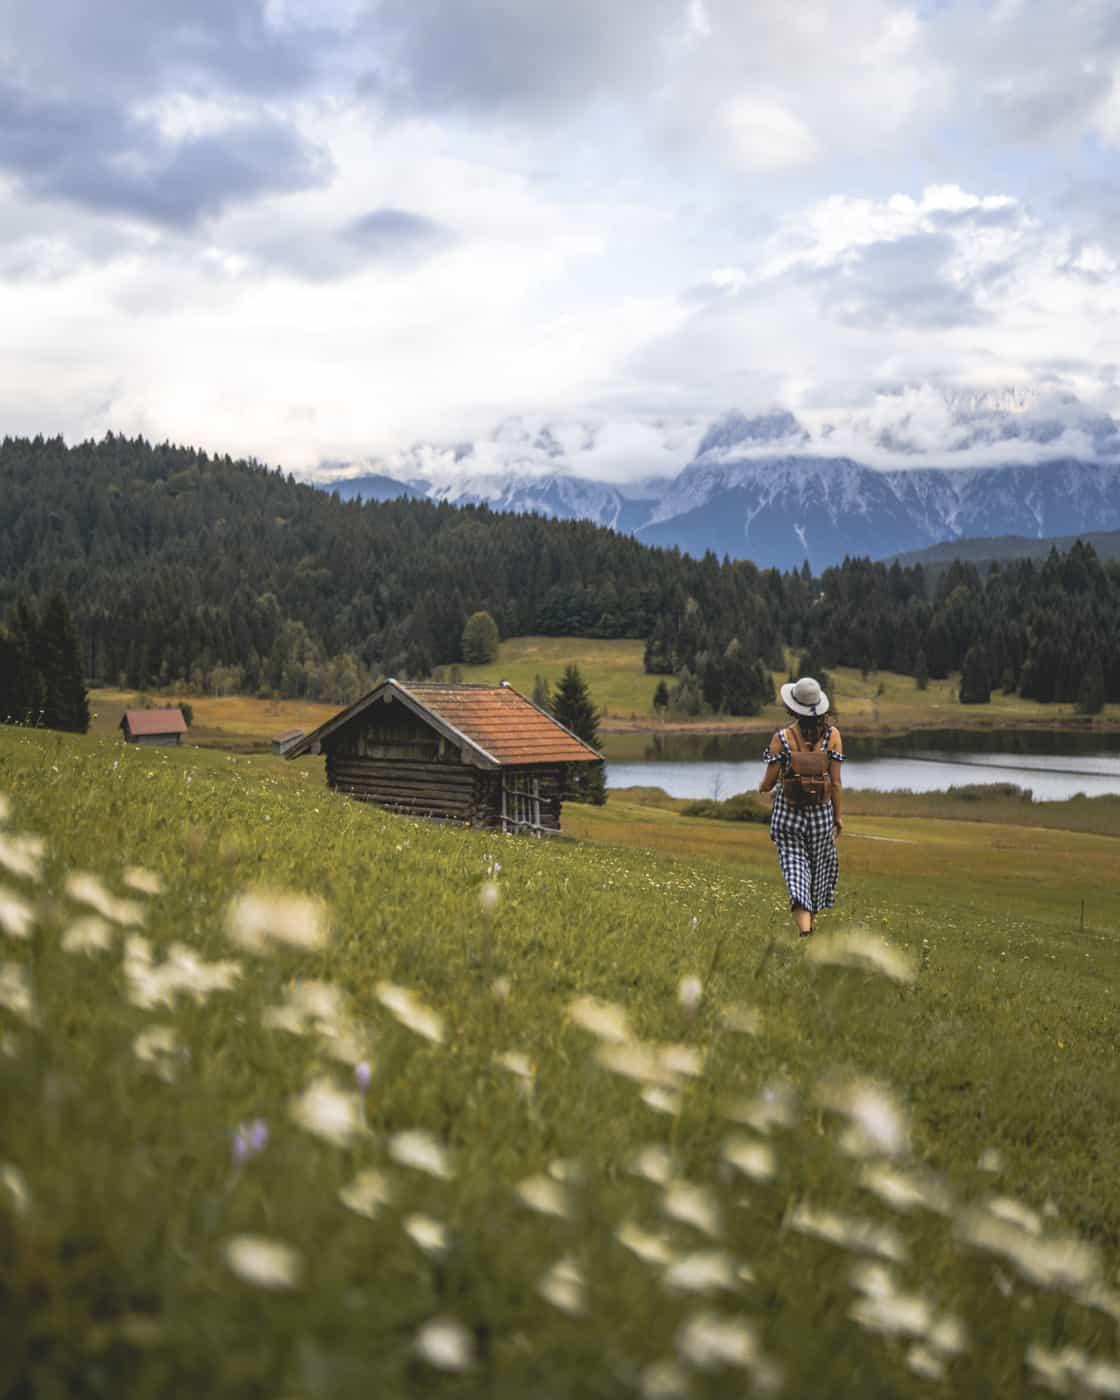 Lermoos - die schönsten Wanderungen & Ausflugsziele in der Zugspitz Region #7 - Geroldsee